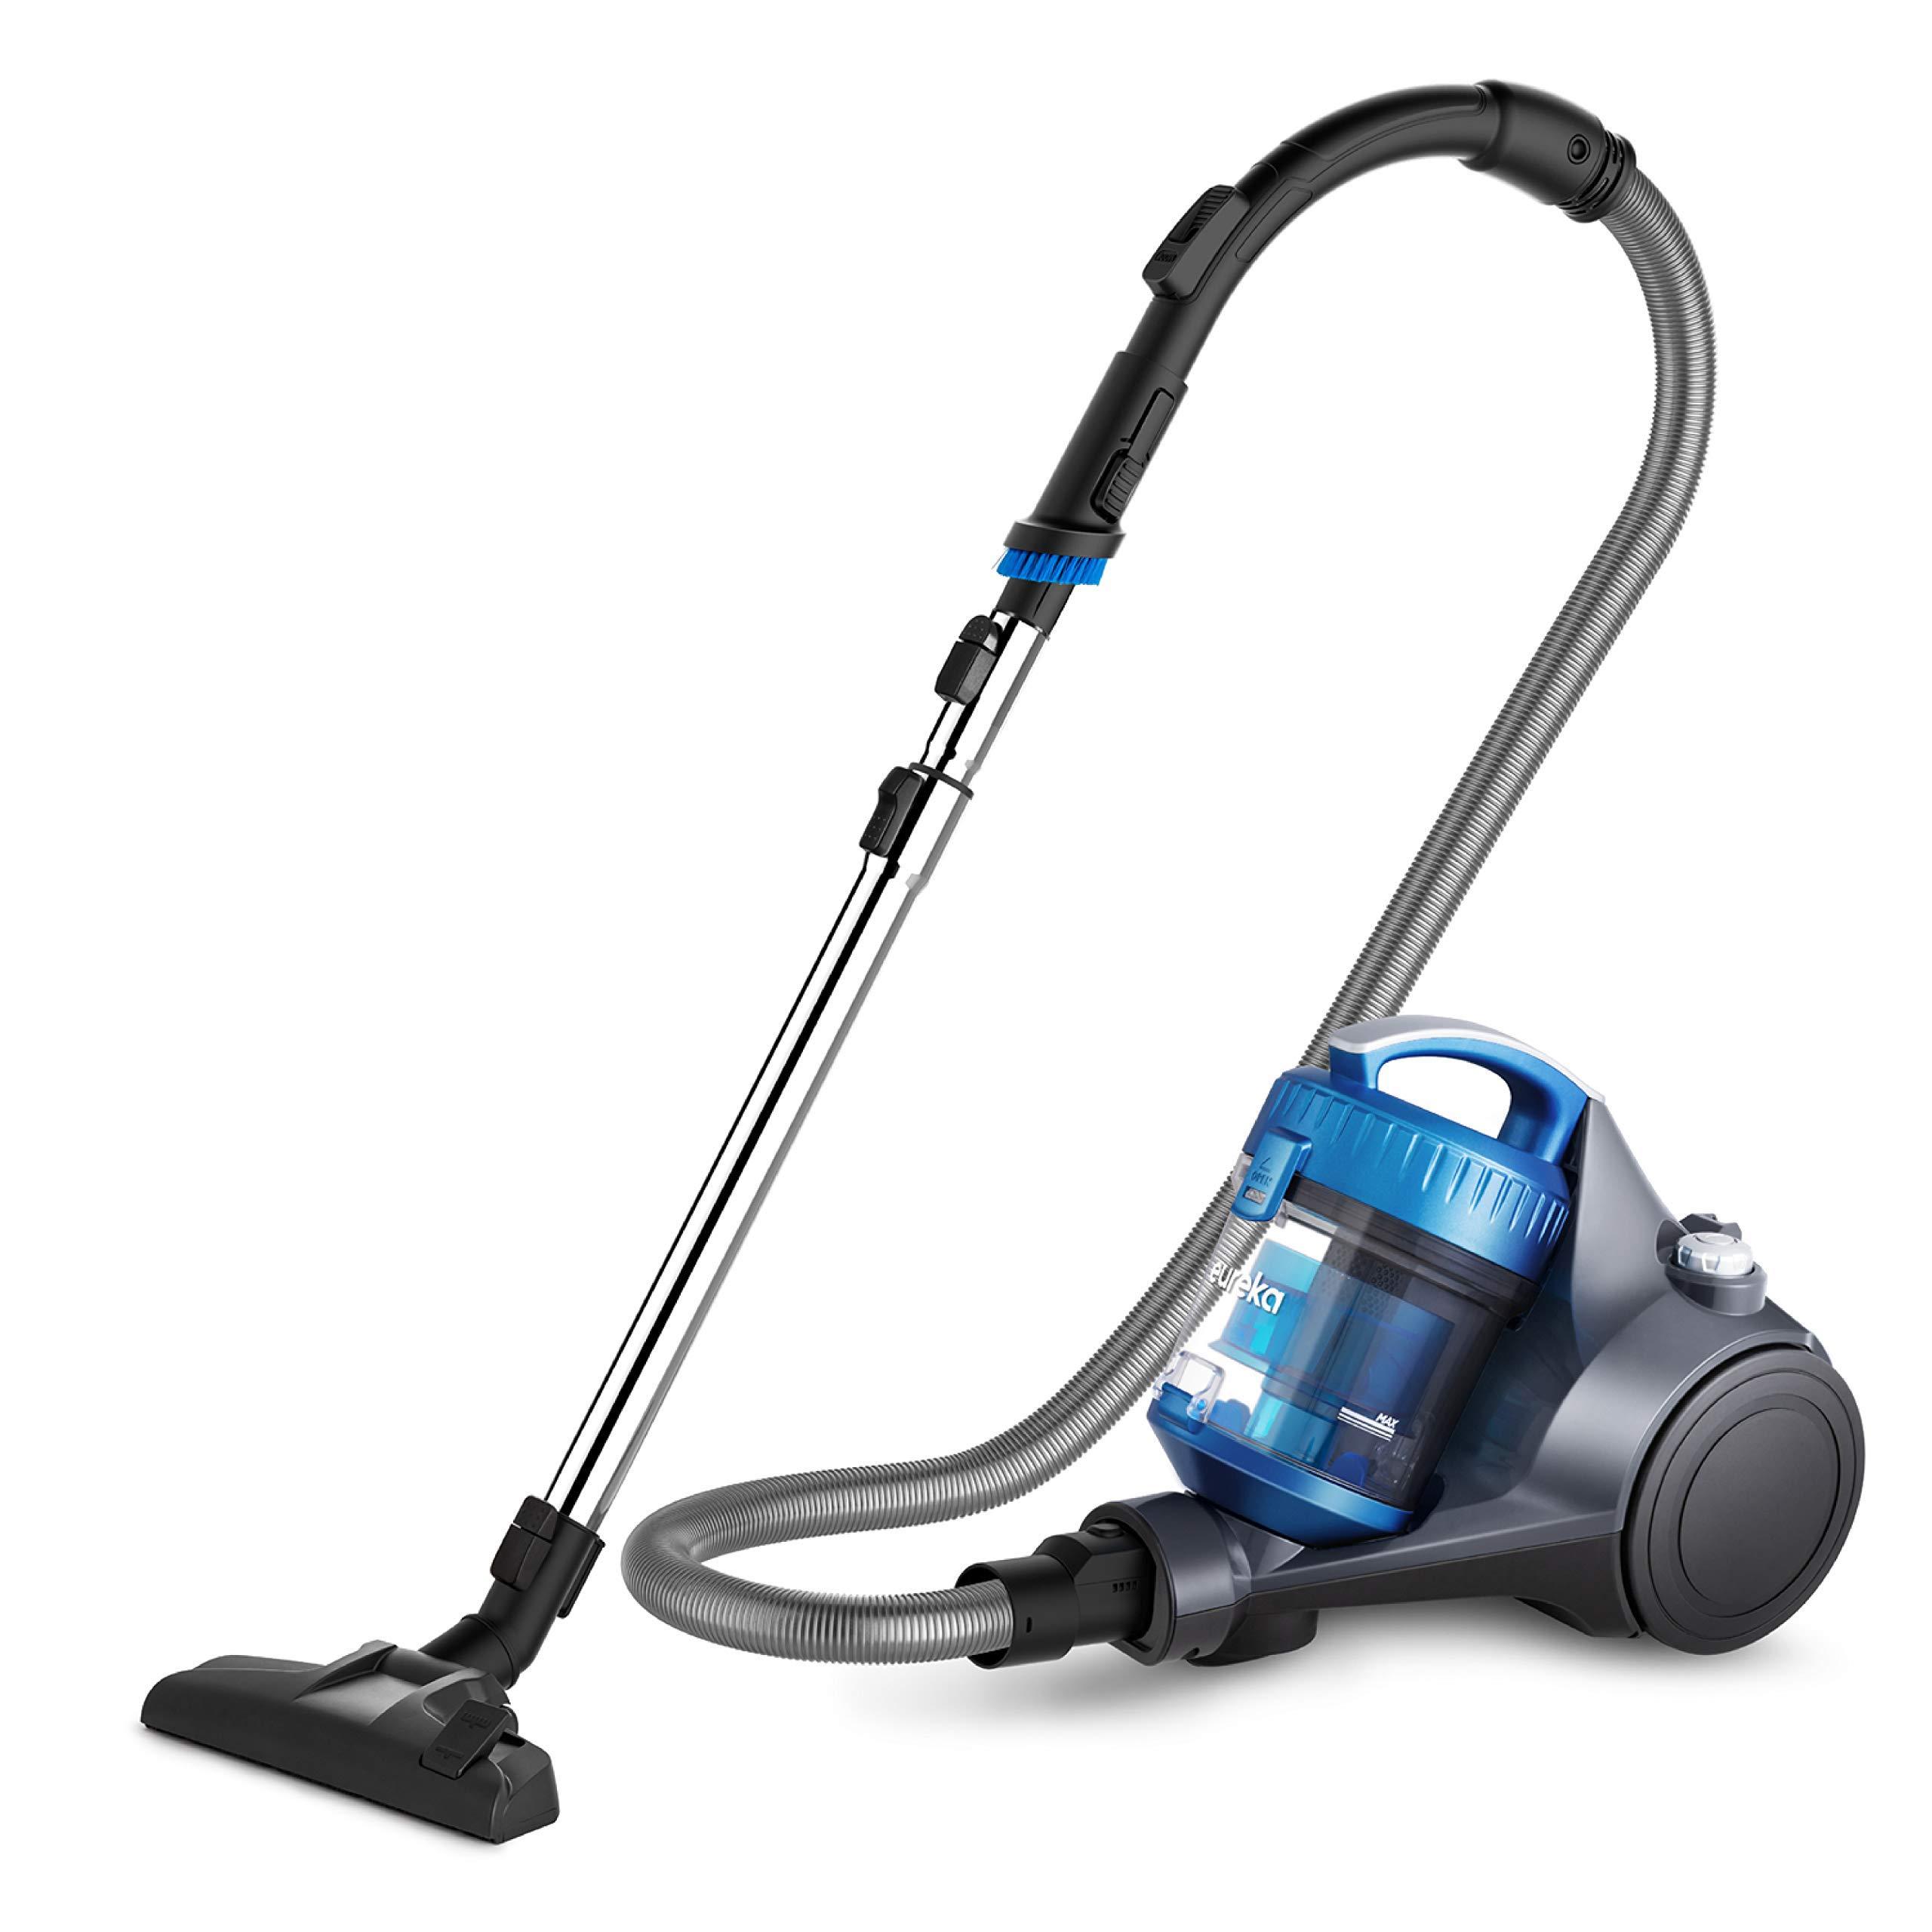 Eureka WhirlWind Limpiador de latas sin bolsa NEN110A Aspiradora ligera con cable para alfombras y suelos duros, Azul: Amazon.es: Hogar